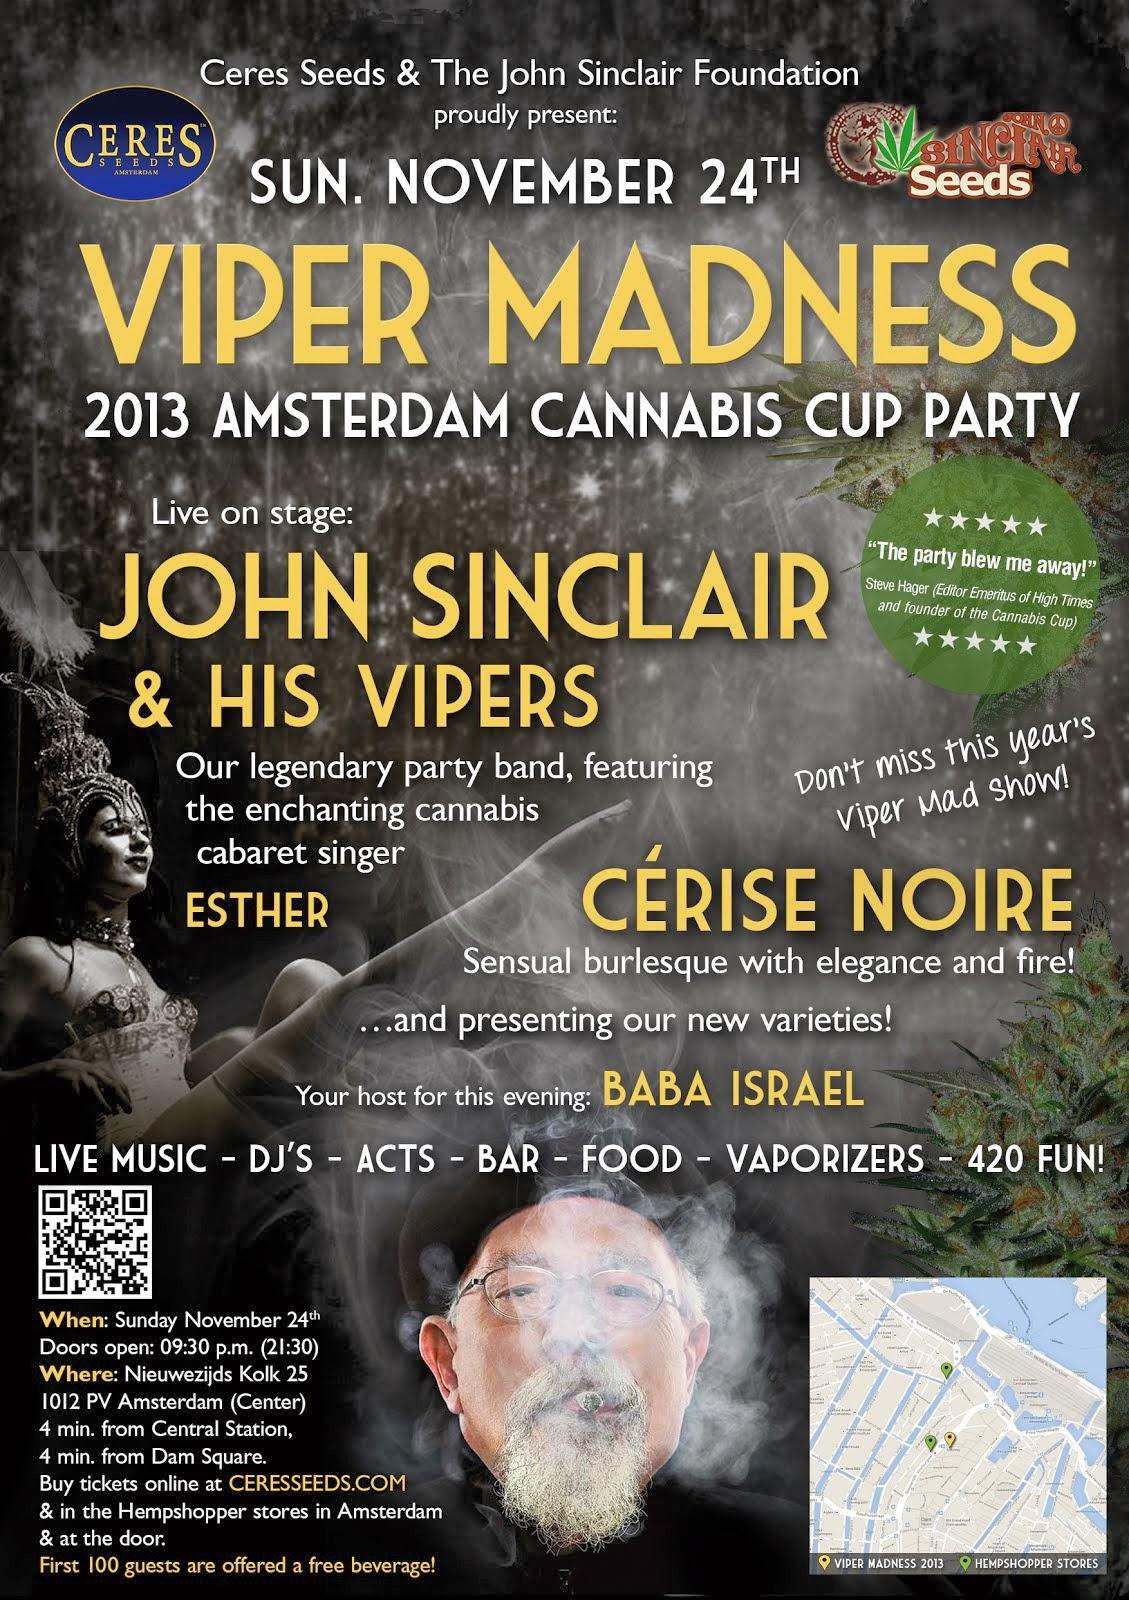 Viper madness 2013